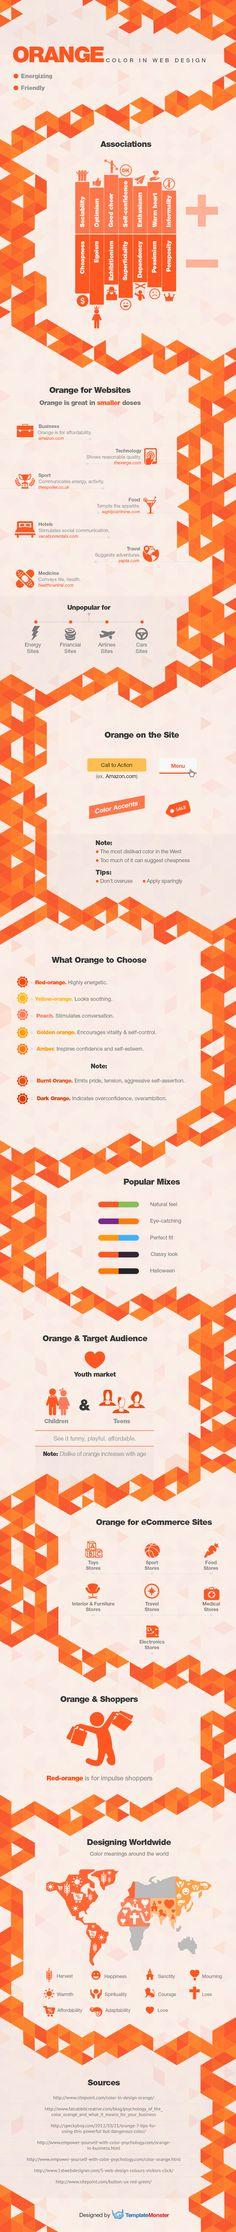 Color naranja en Diseño web #infografia ¢#infographic #design | TICs y Formación